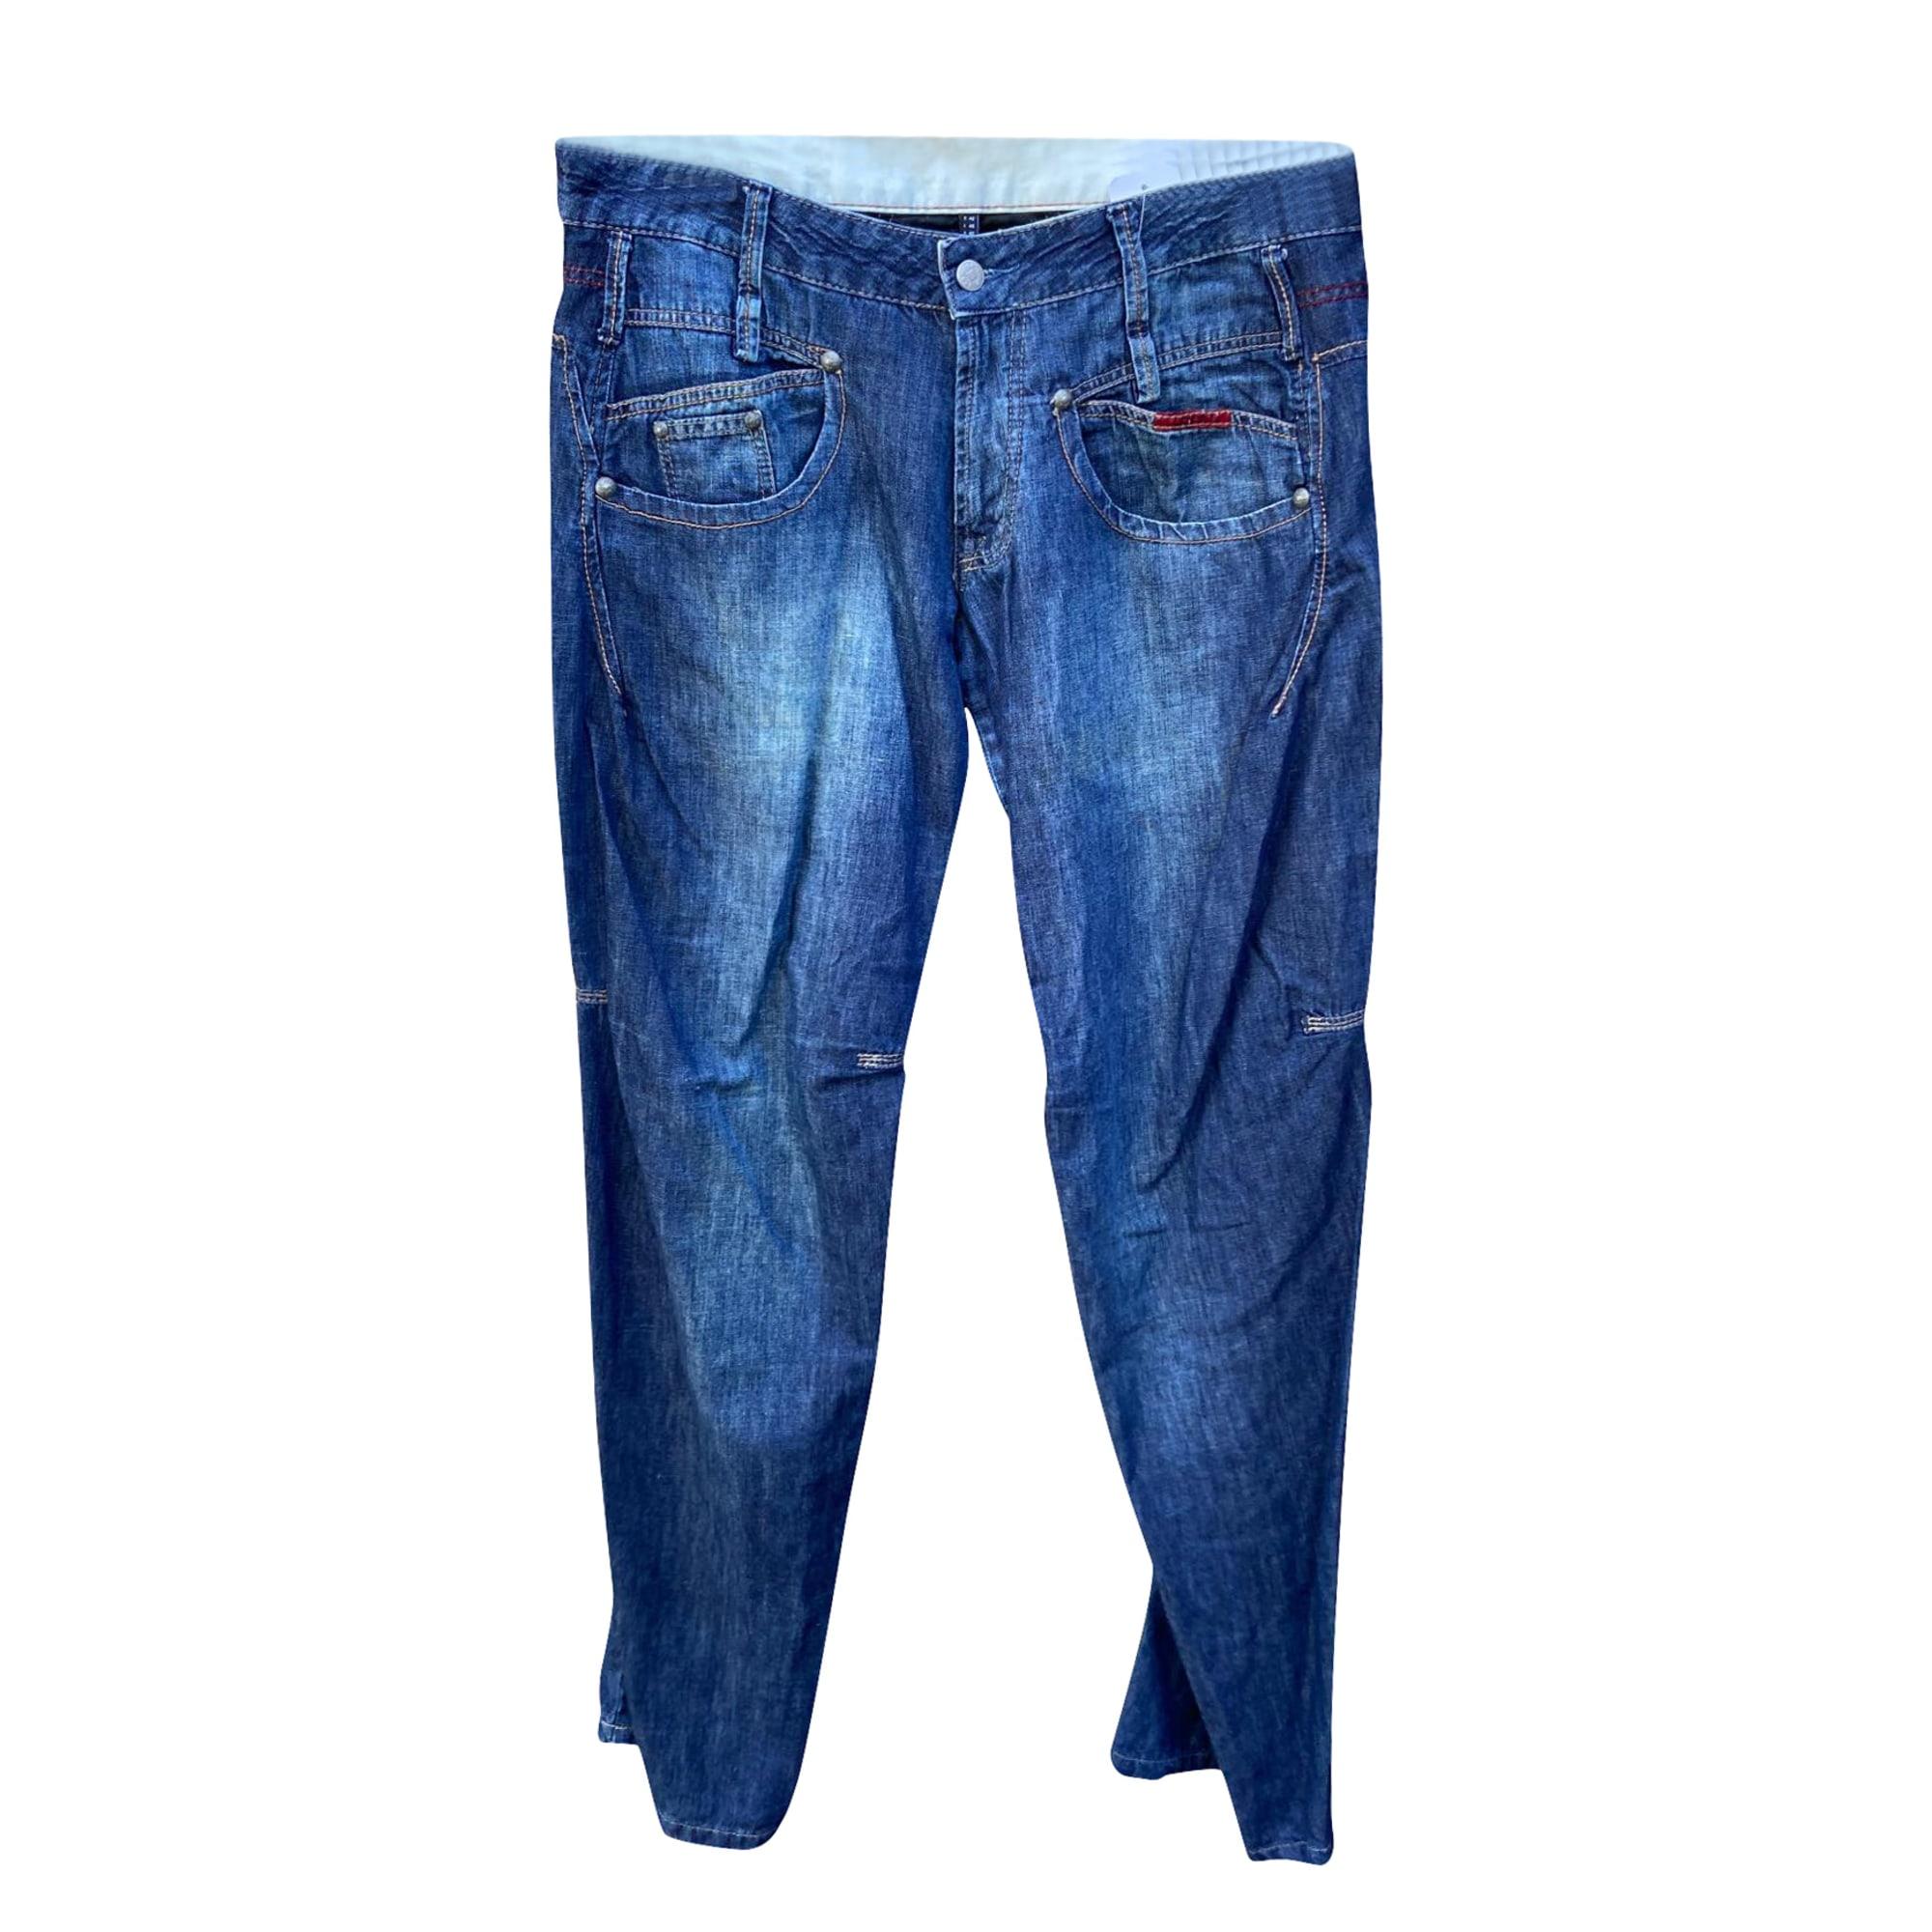 Wide Leg Jeans MARITHÉ ET FRANÇOIS GIRBAUD Blue, navy, turquoise